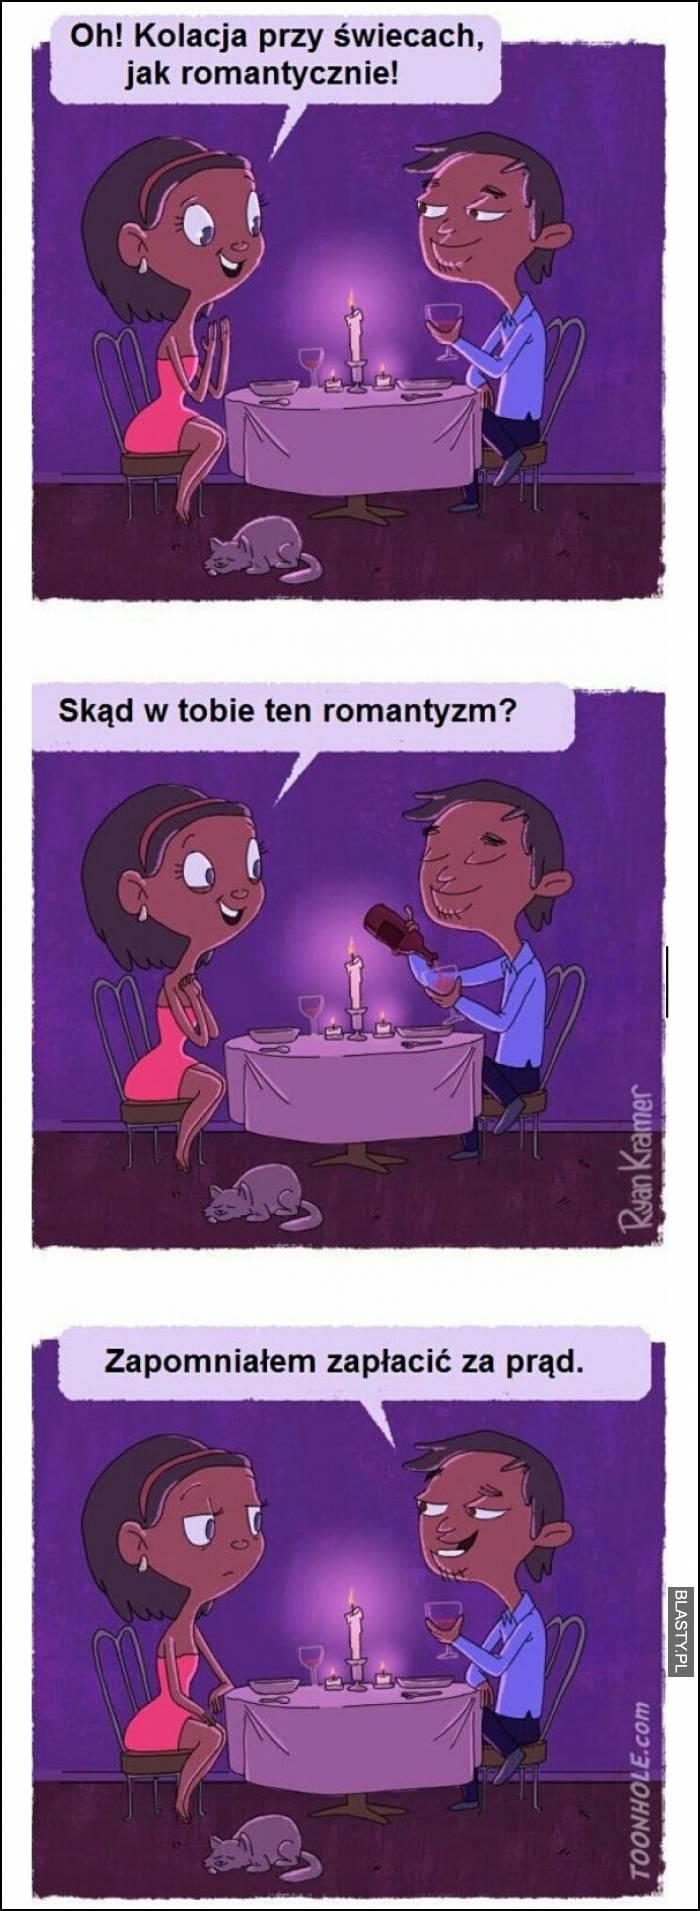 O kolacja przy świecach jak romantycznie